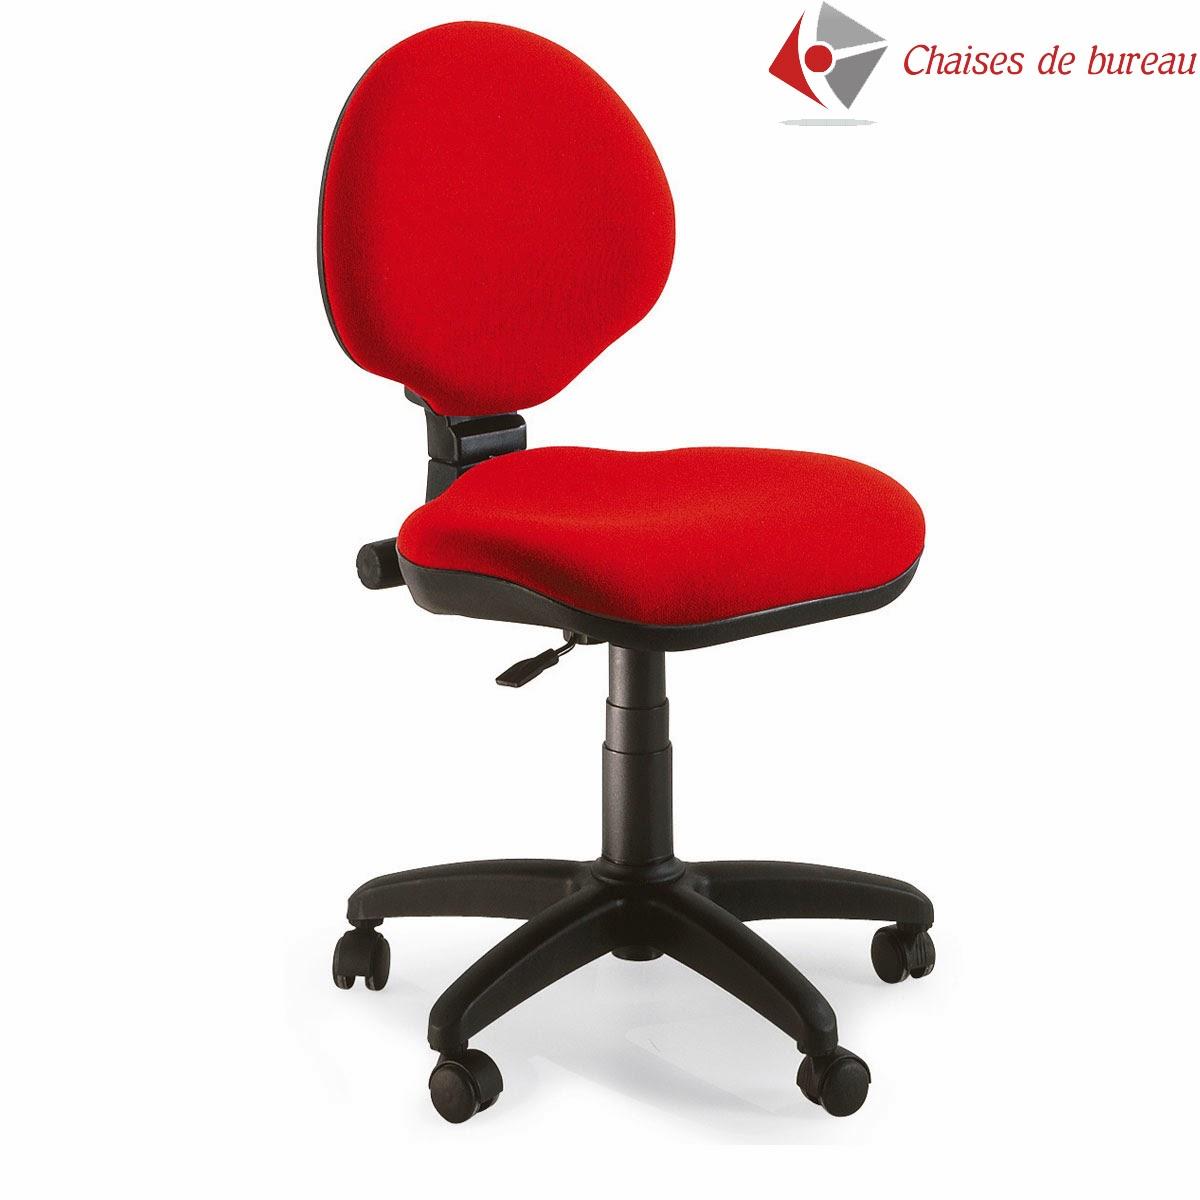 Chaises de bureau - Chaise de bureau confortable ...